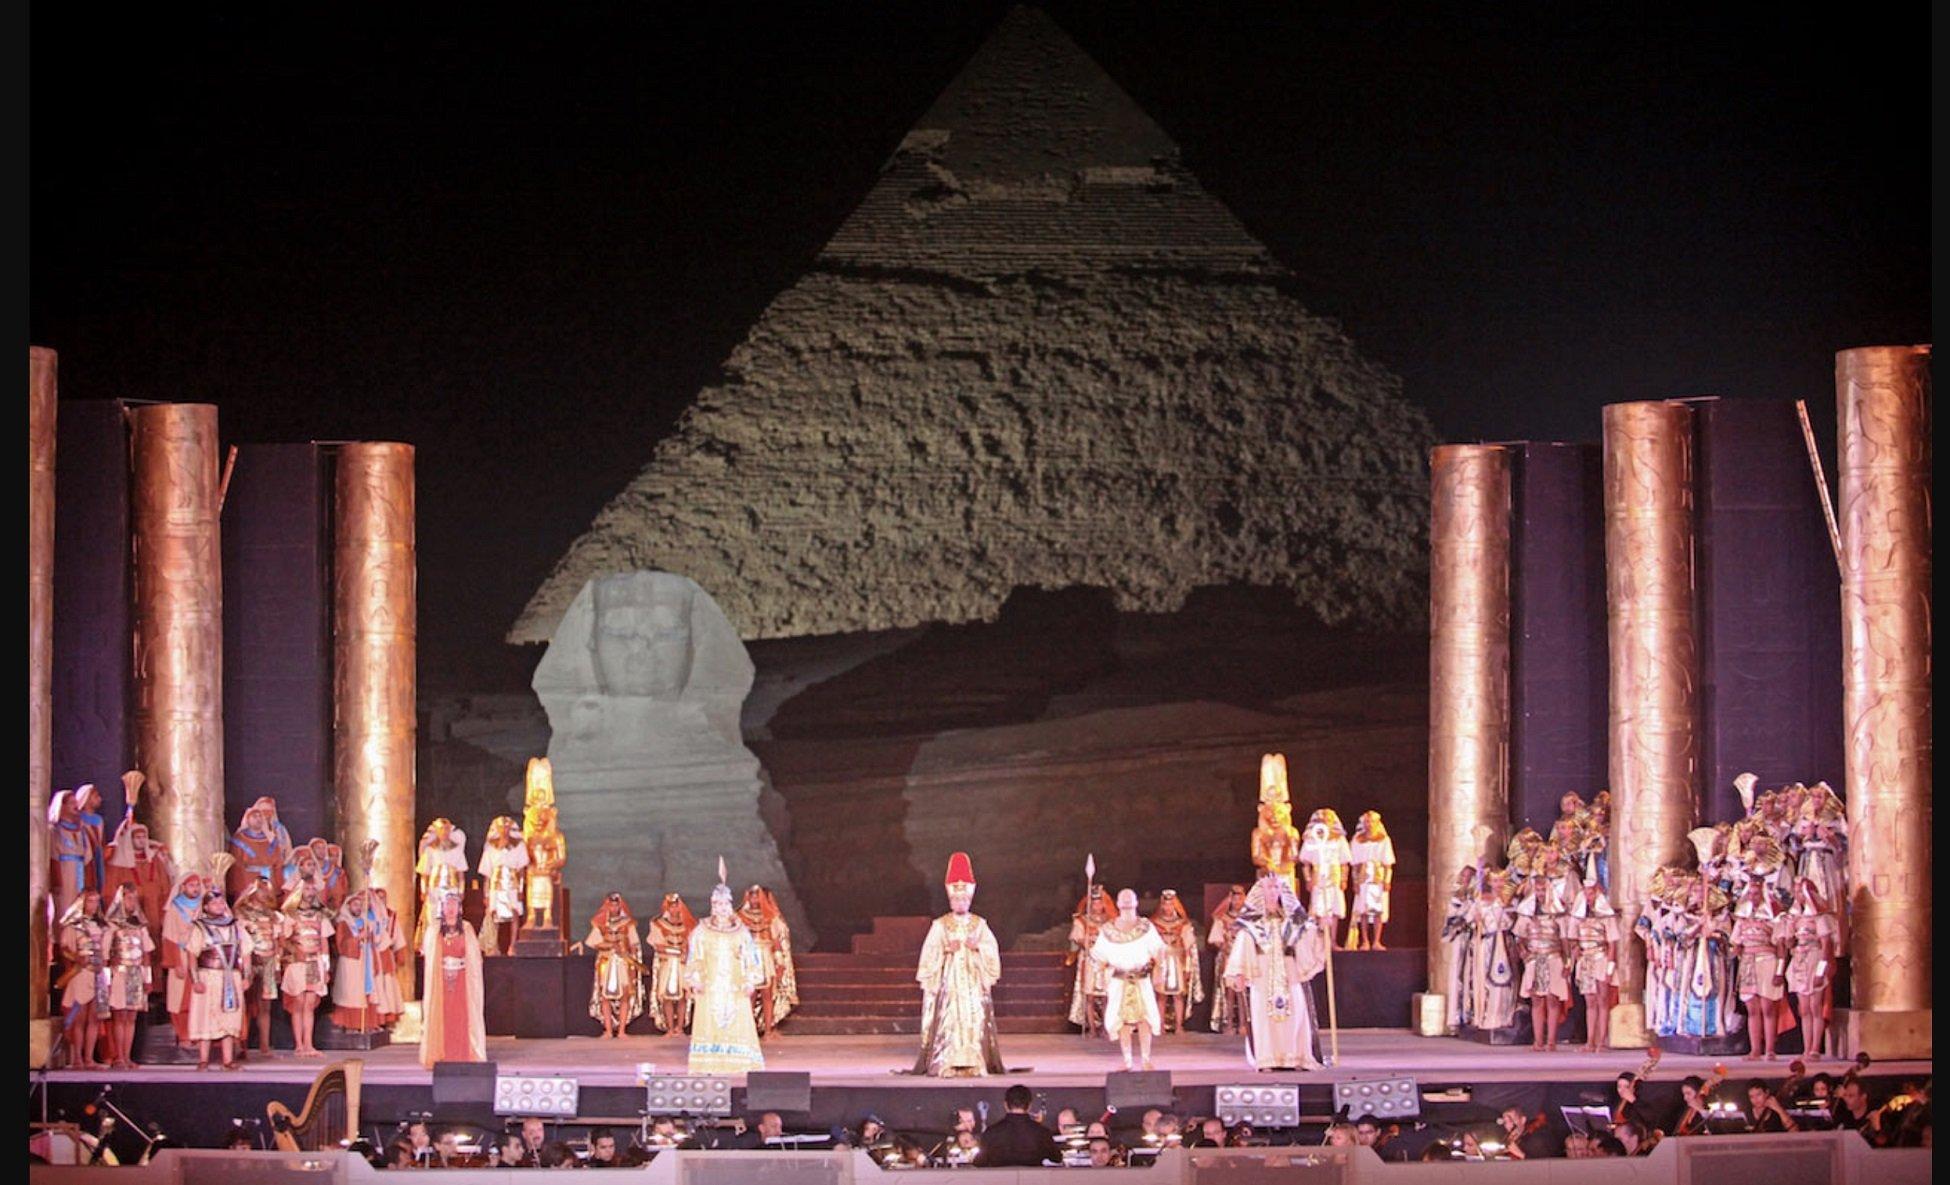 Opera Aida Verdi Tour include Nile Cruise